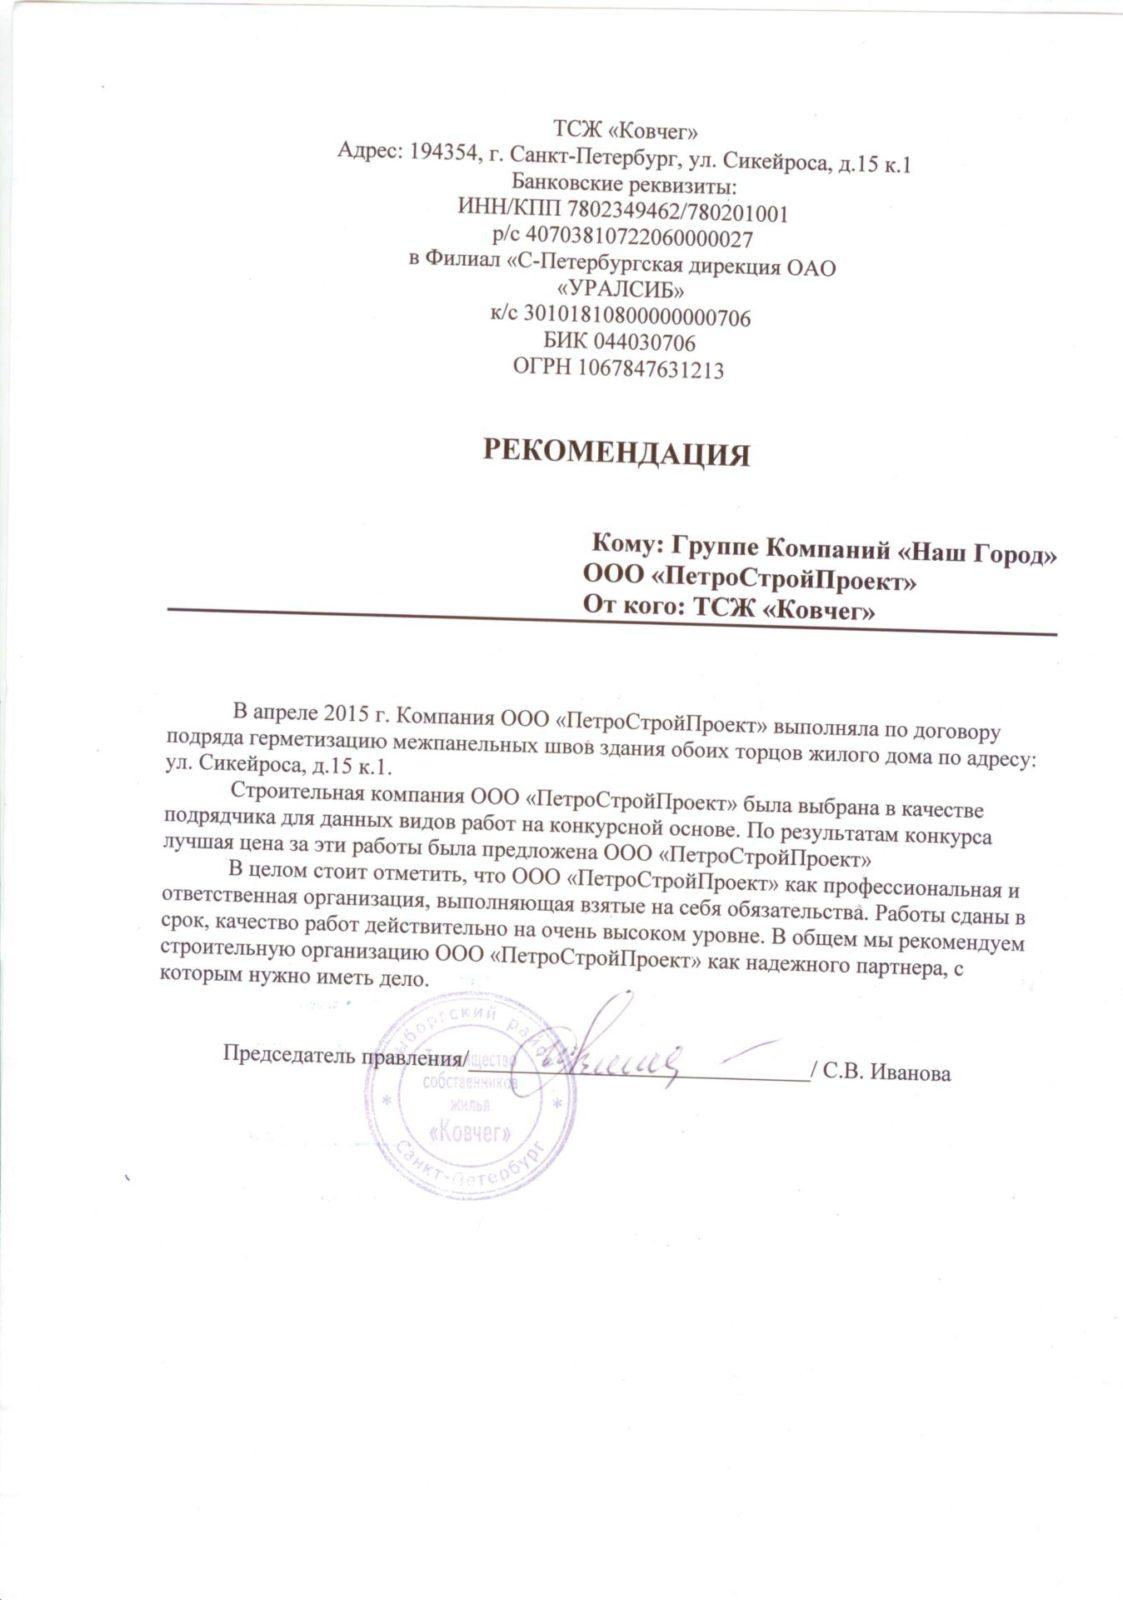 """Отзыв ТСЖ """"Ковчег"""" о работе ООО """"Наш город"""""""